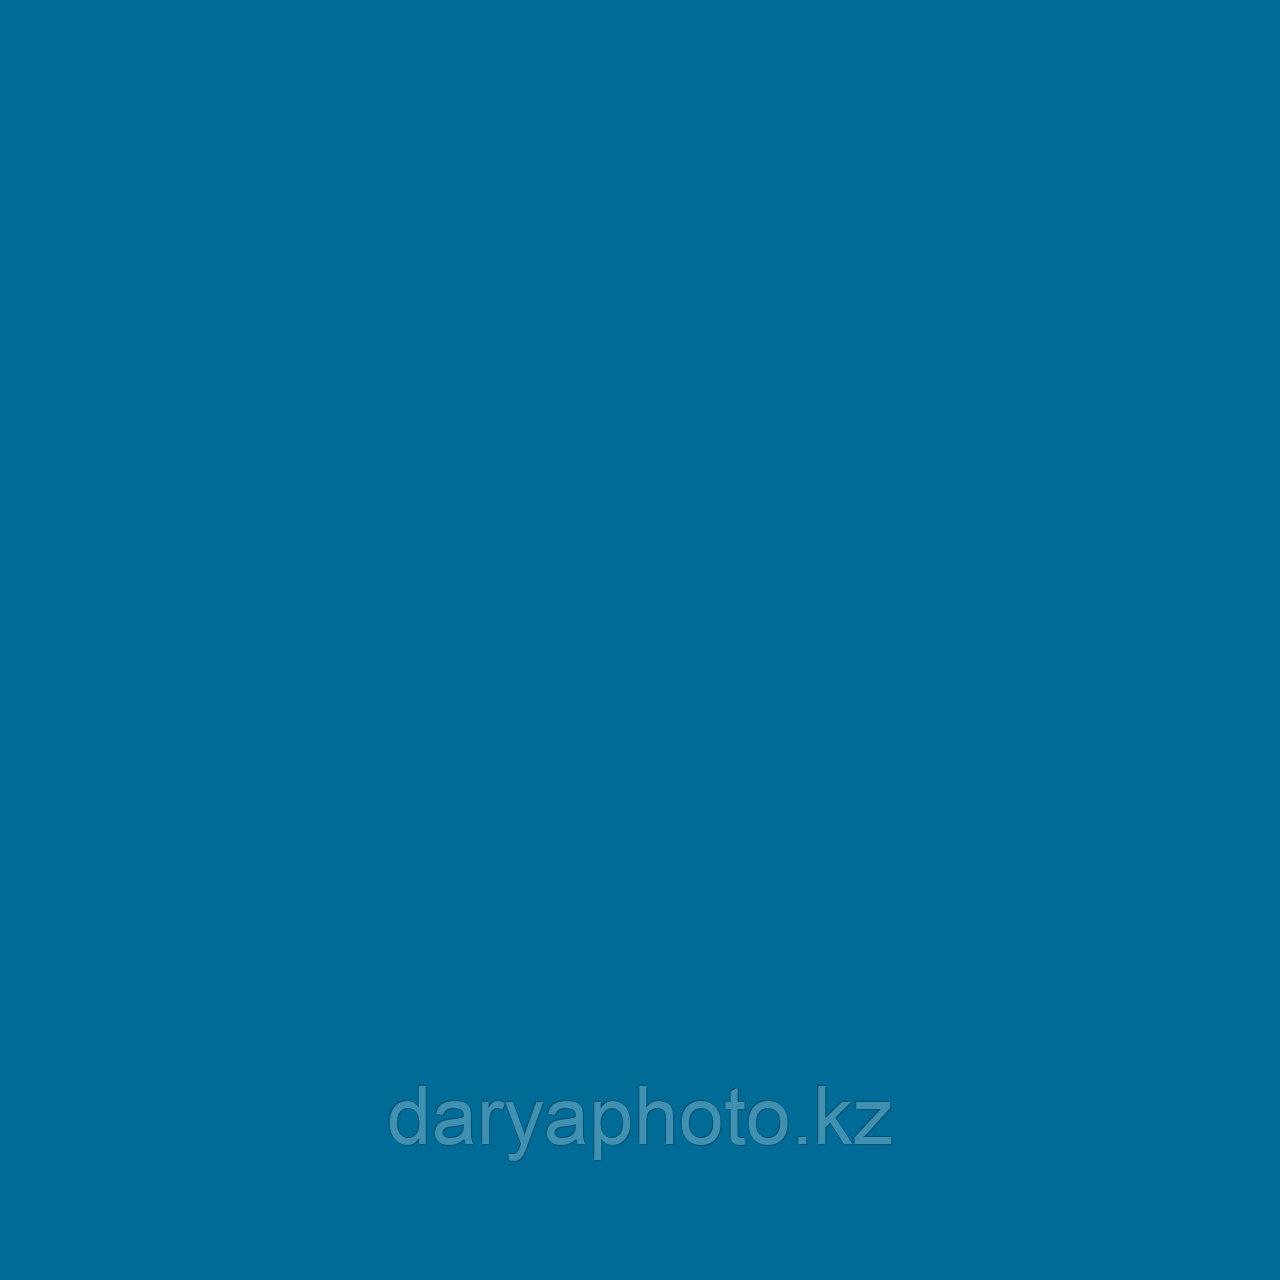 BlueLake Фон бумажный. Фотофон. Фон для фотостудии